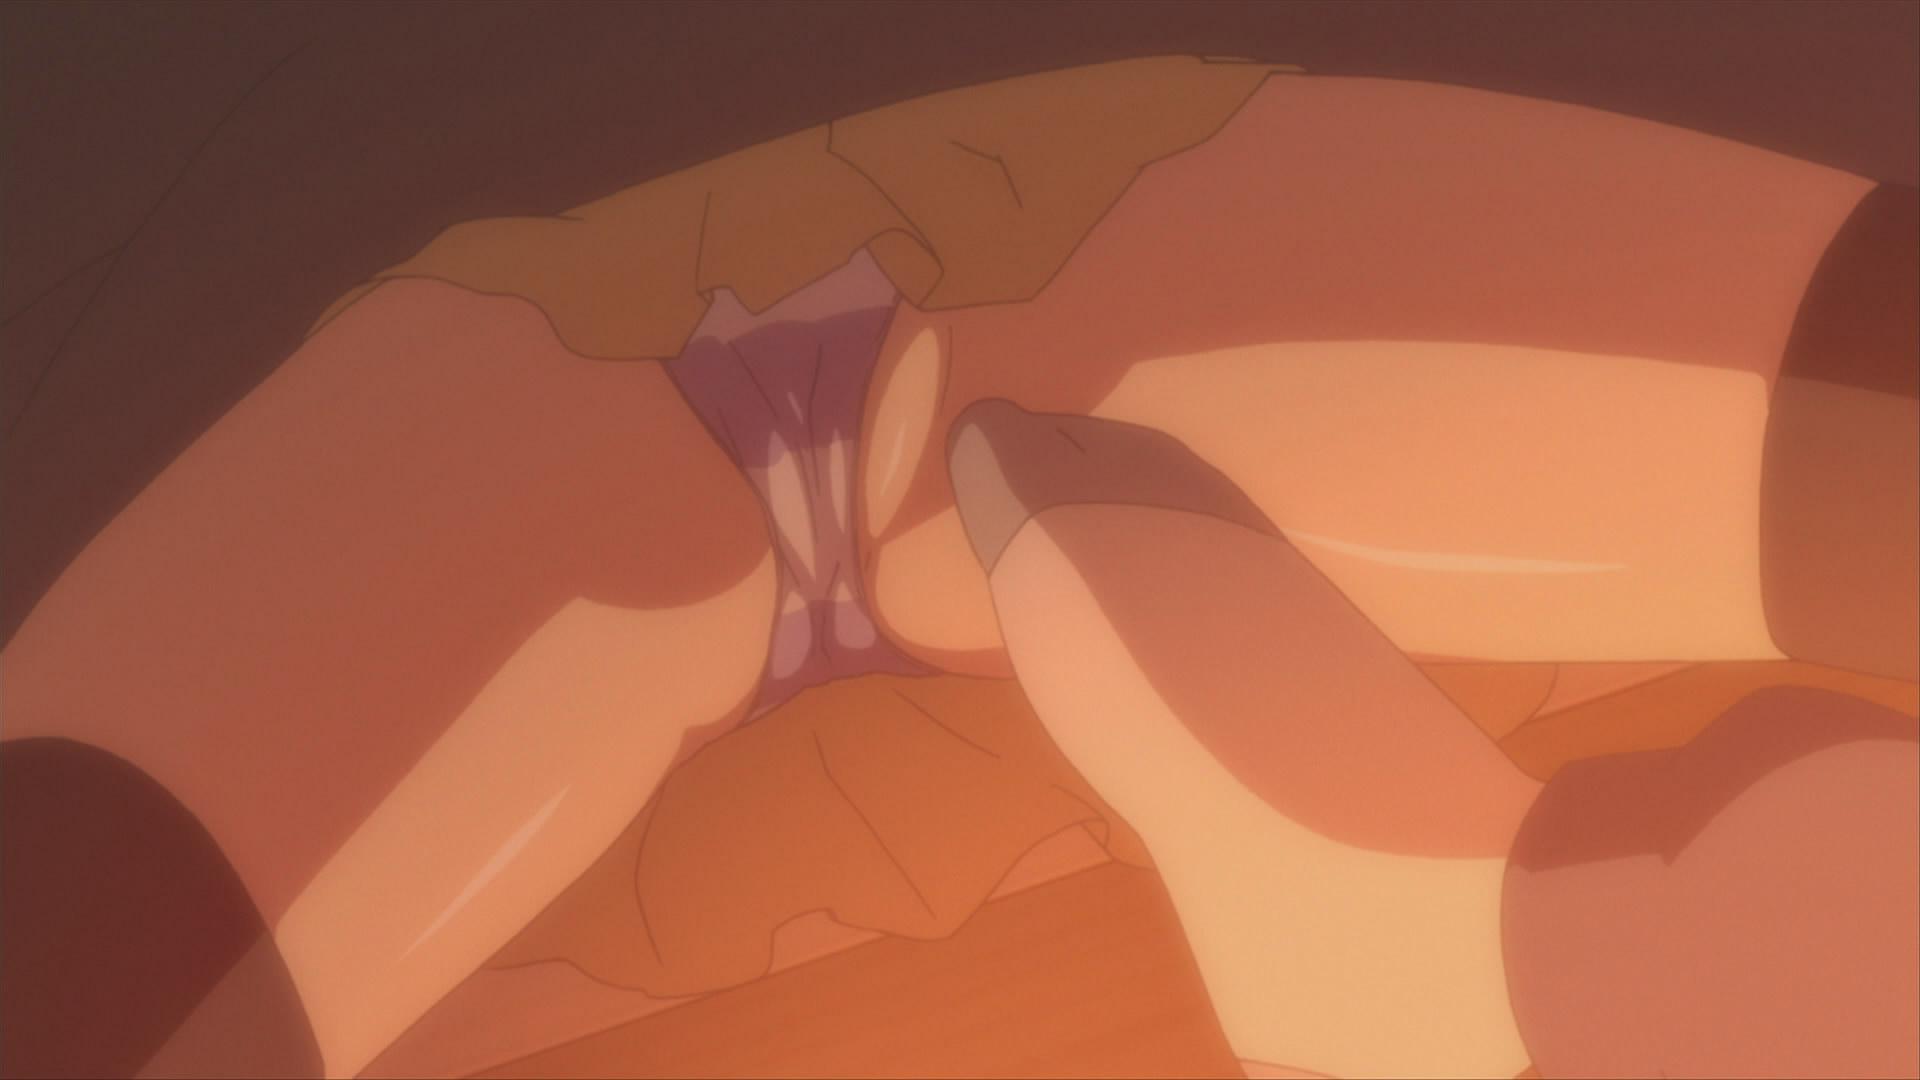 x sis kiss porn Anime